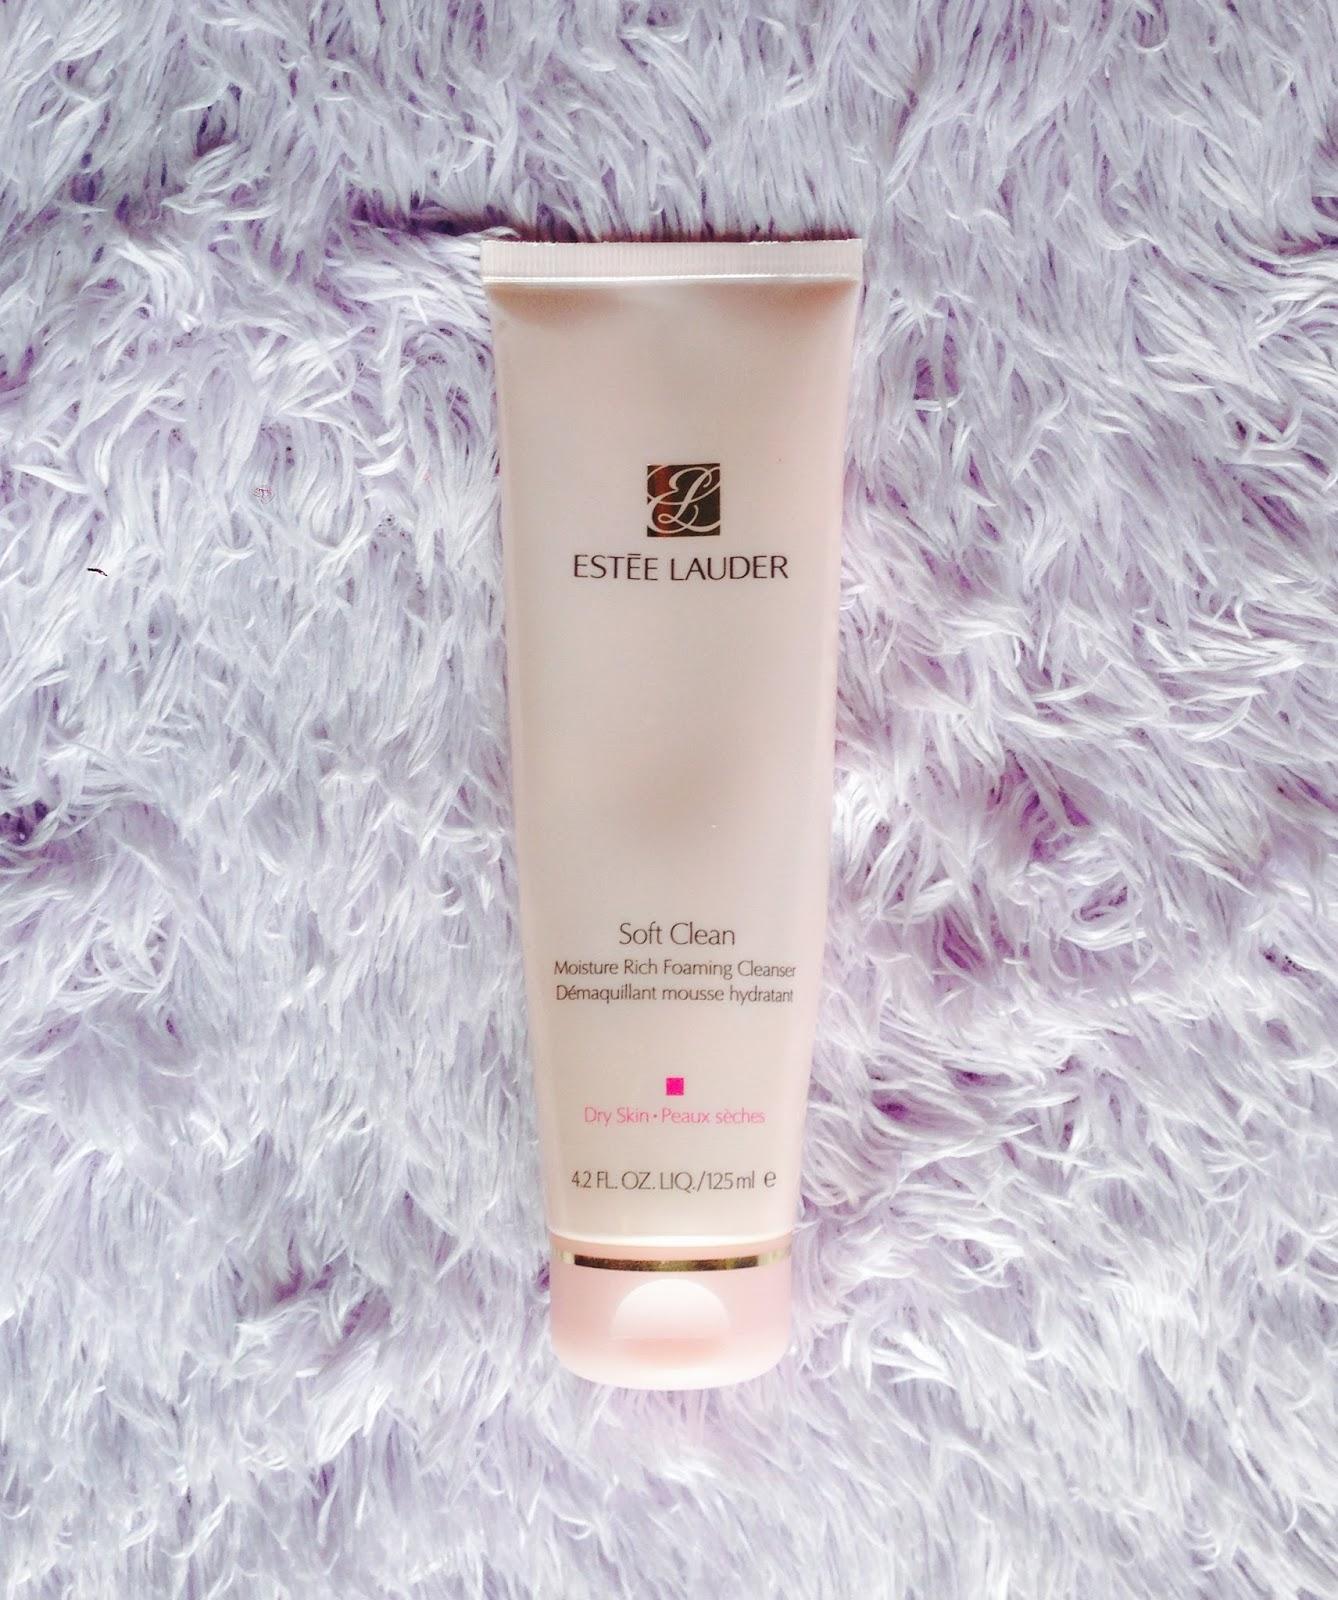 Soft Clean Moisture Rich Foaming Cleanser by Estée Lauder #18